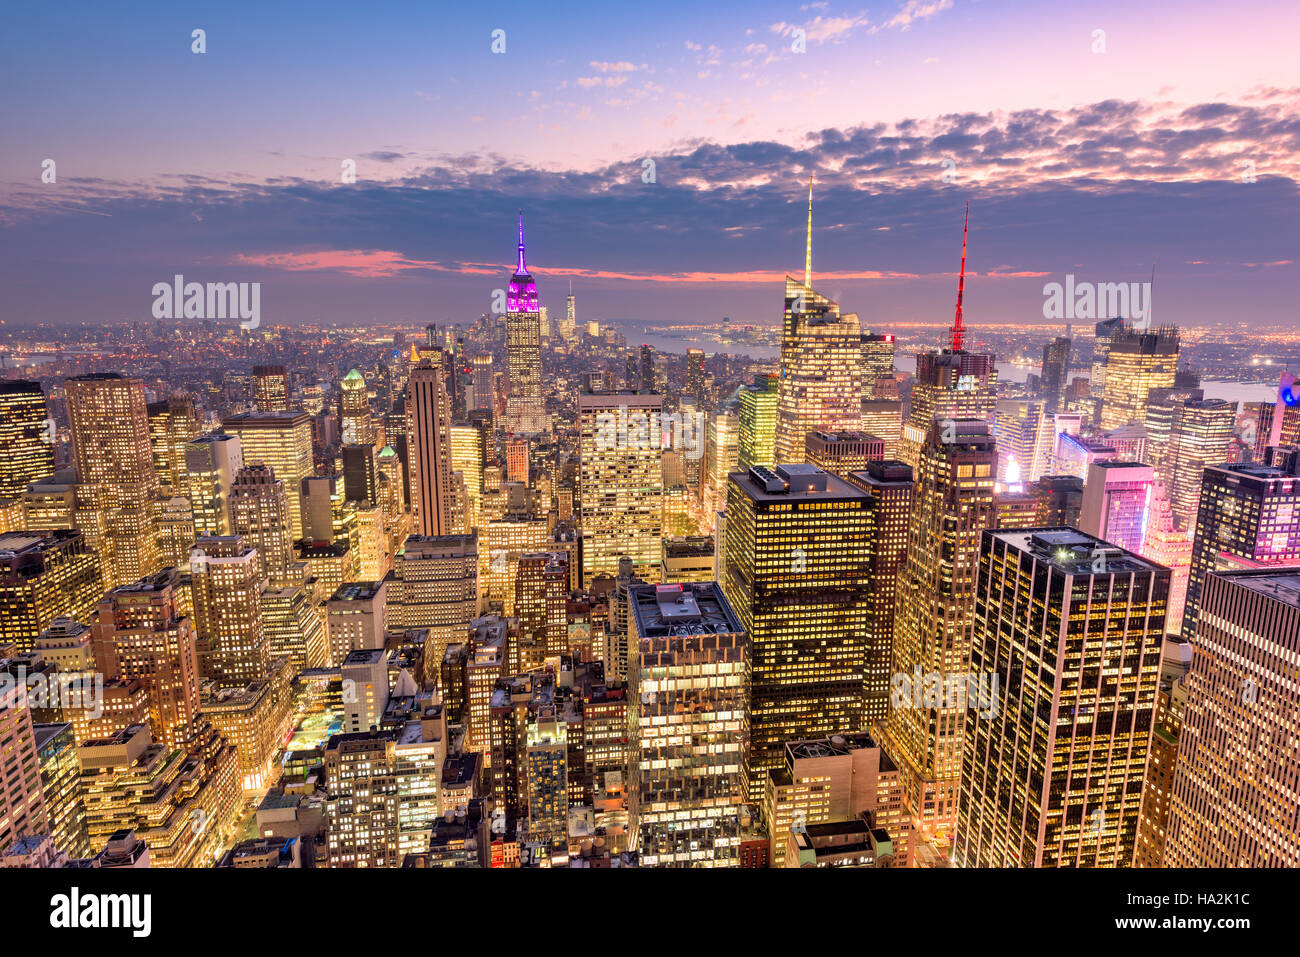 La Ciudad de Nueva York vistas del horizonte de la antena en el centro de Manhattan. Imagen De Stock